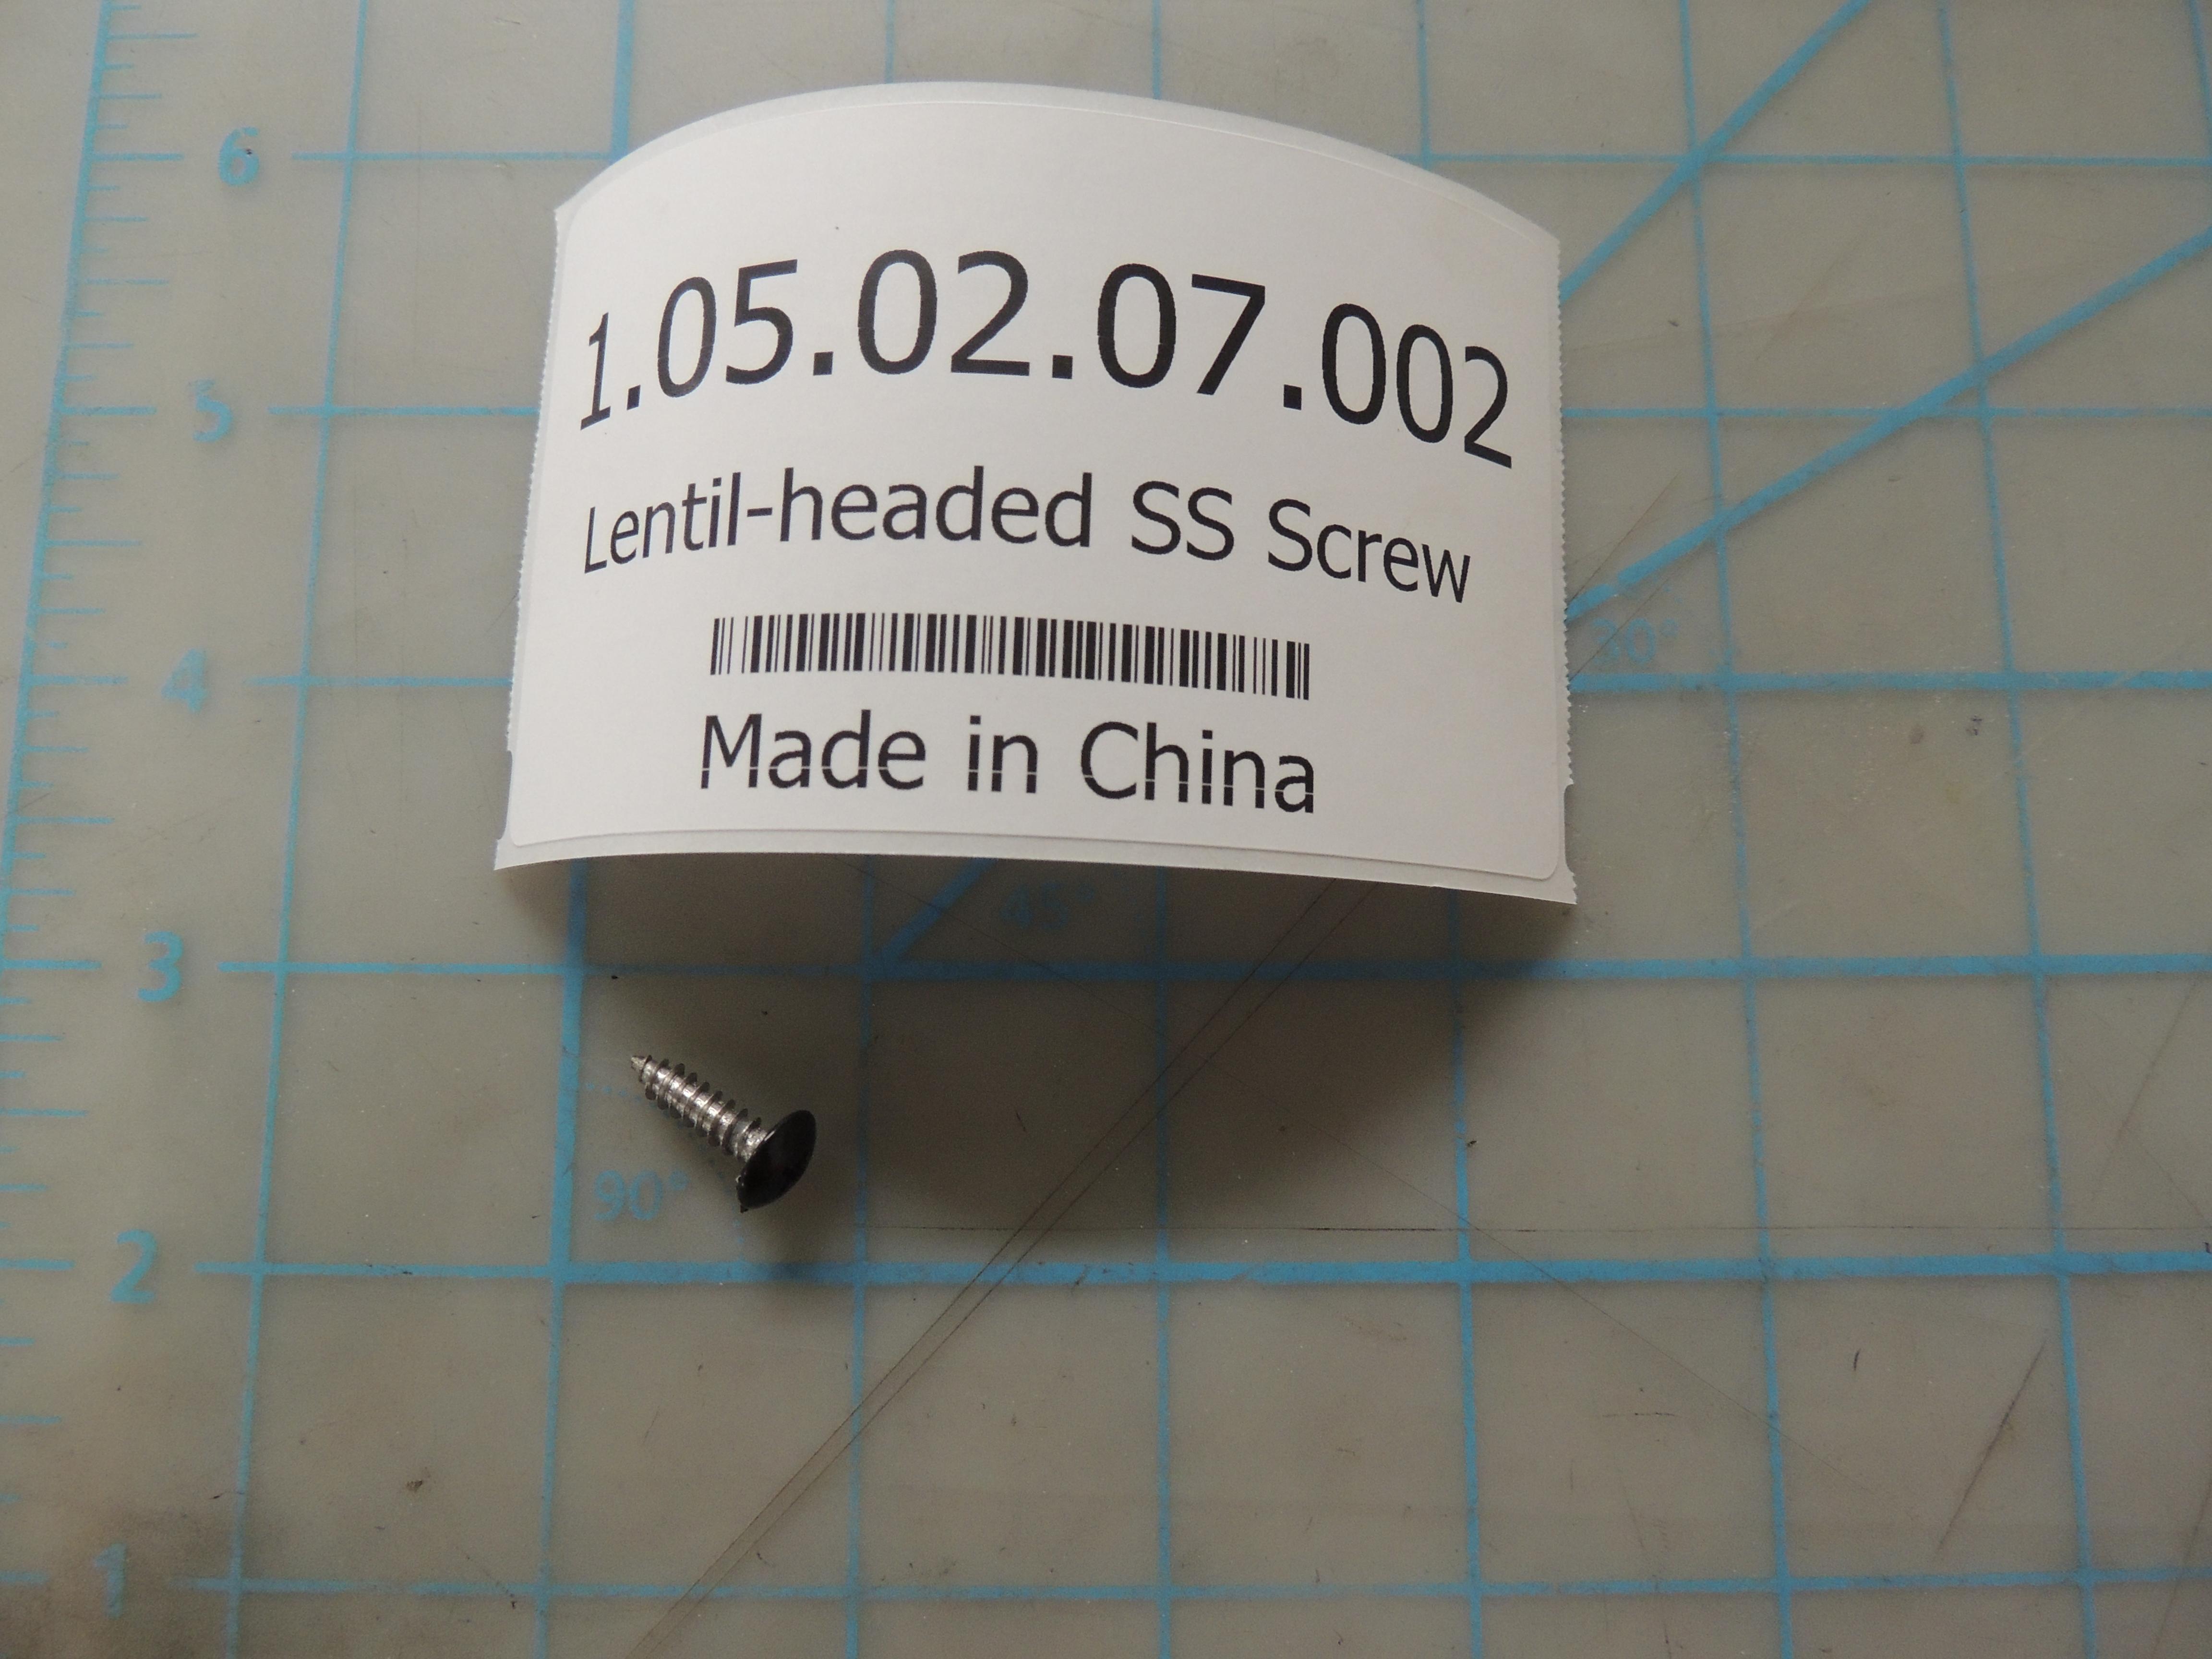 Lentil-headed SS Screw